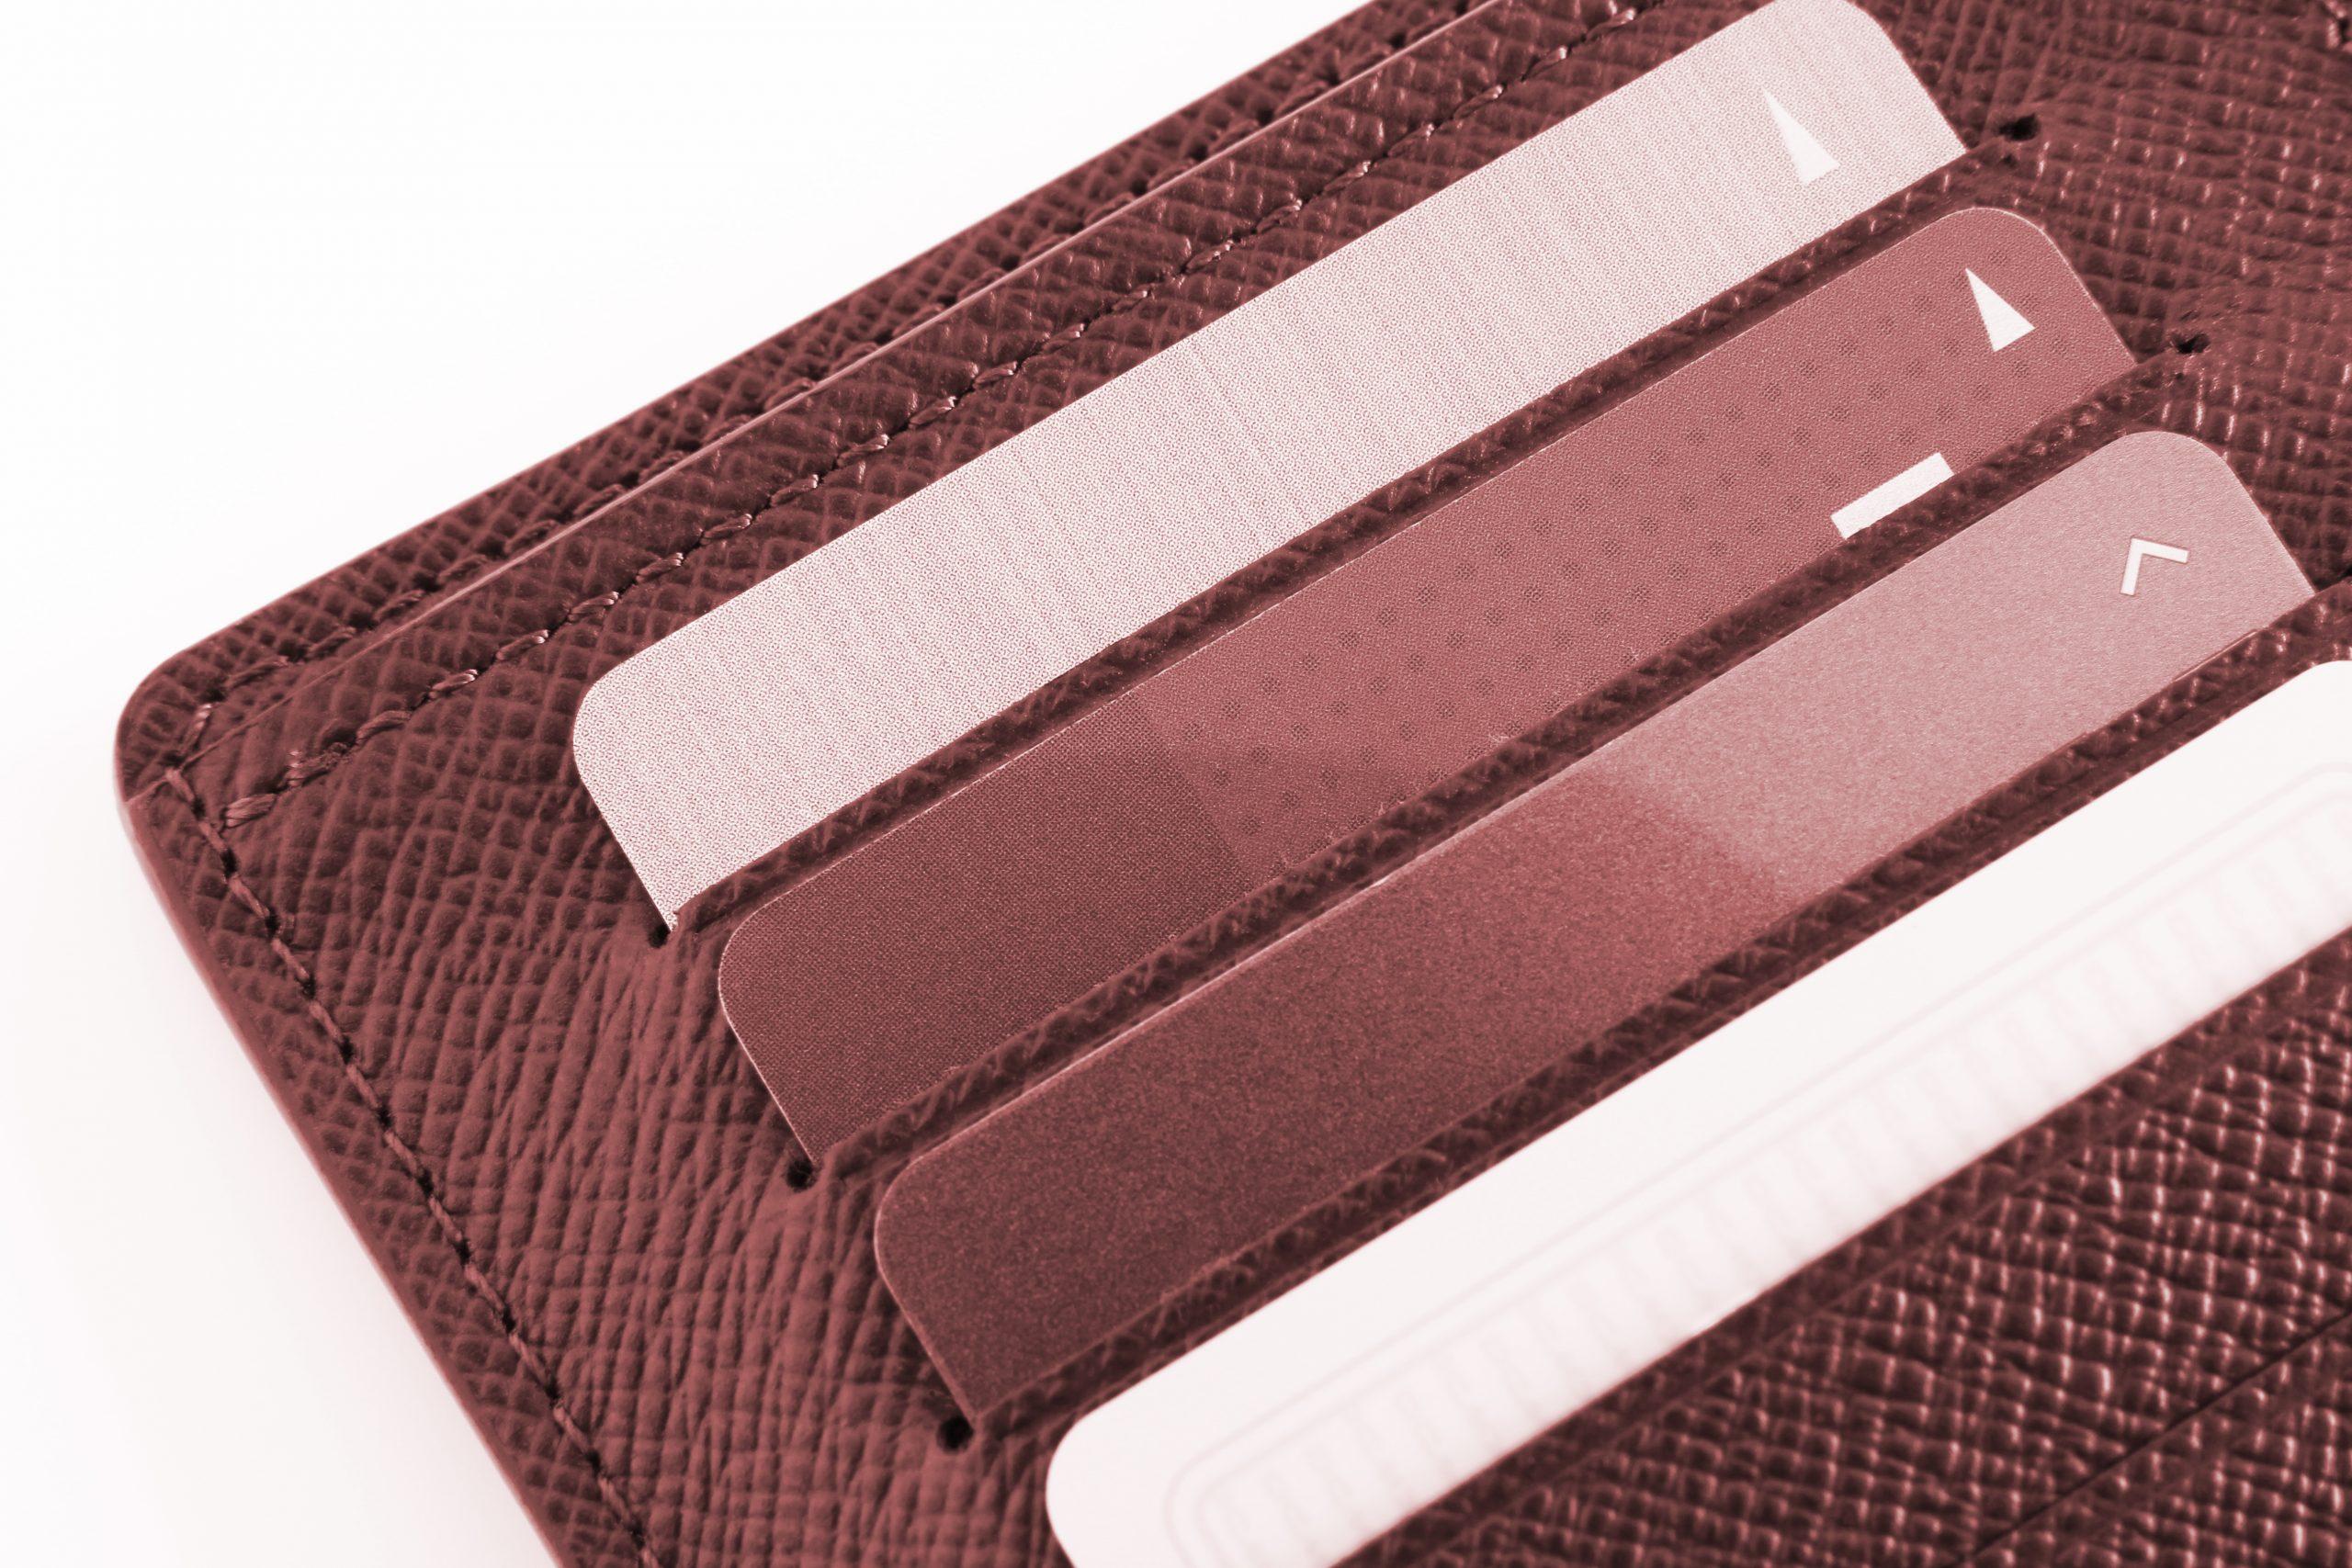 即日融資対応のカードローン7選!カードローンの種類・審査も紹介